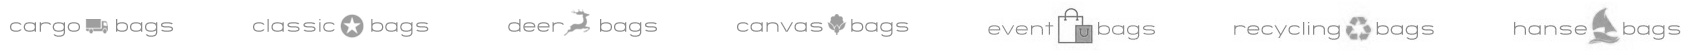 Logos Taschenserien Taschenhersteller